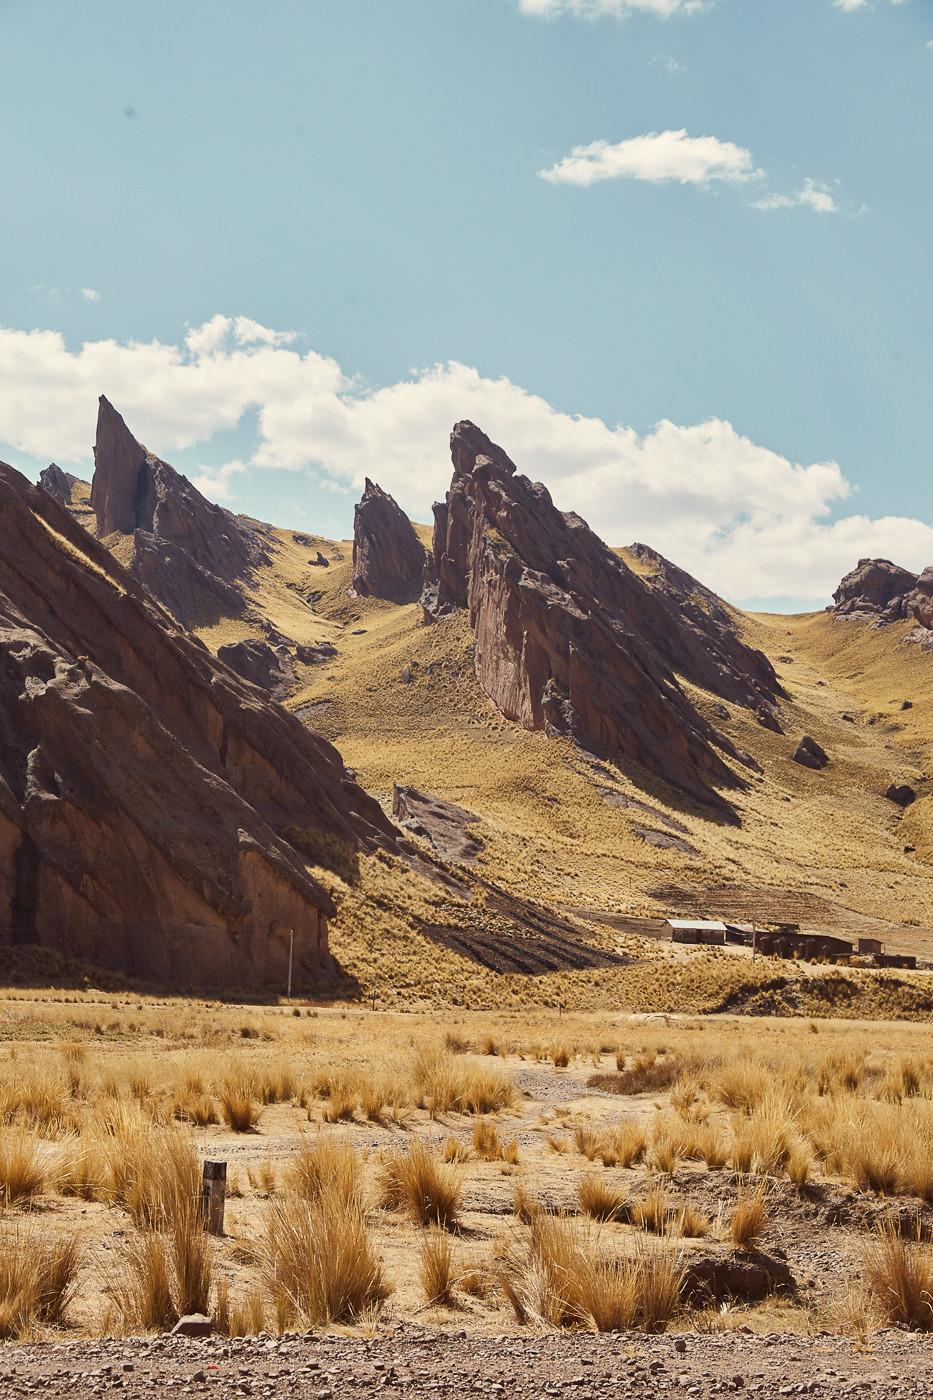 Faszinierende spitz zulaufende Berge ragen scheinbar aus dem nichts empor. Nur ein paar vereinzelte Häusschen befandnen sich entlang der Strecke, größere Dörfer oder Handyempfang? Fehlanzeige.